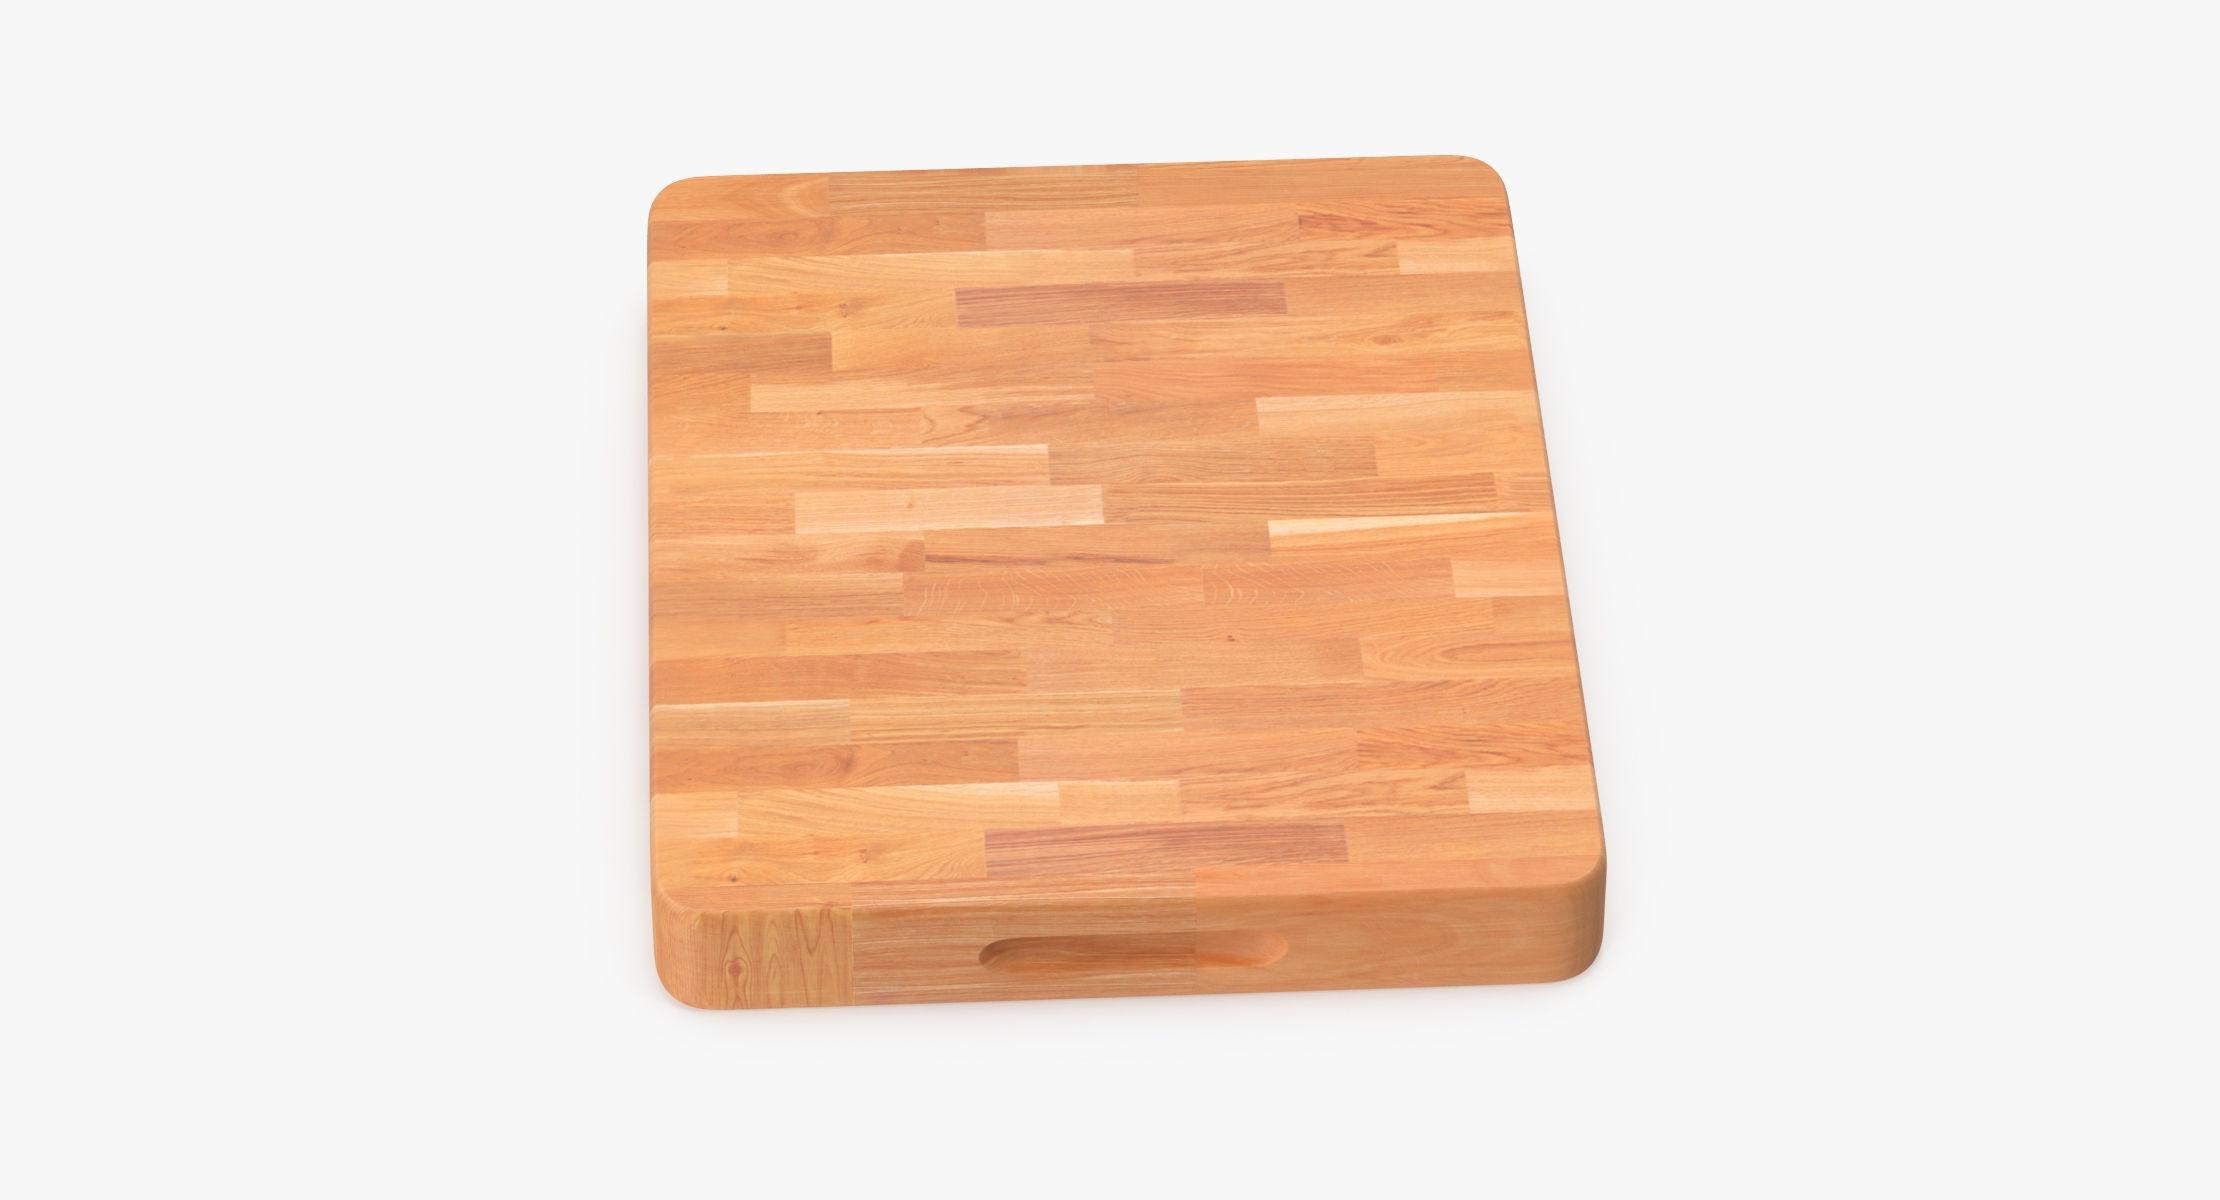 Chopping Board 01 - reel 1